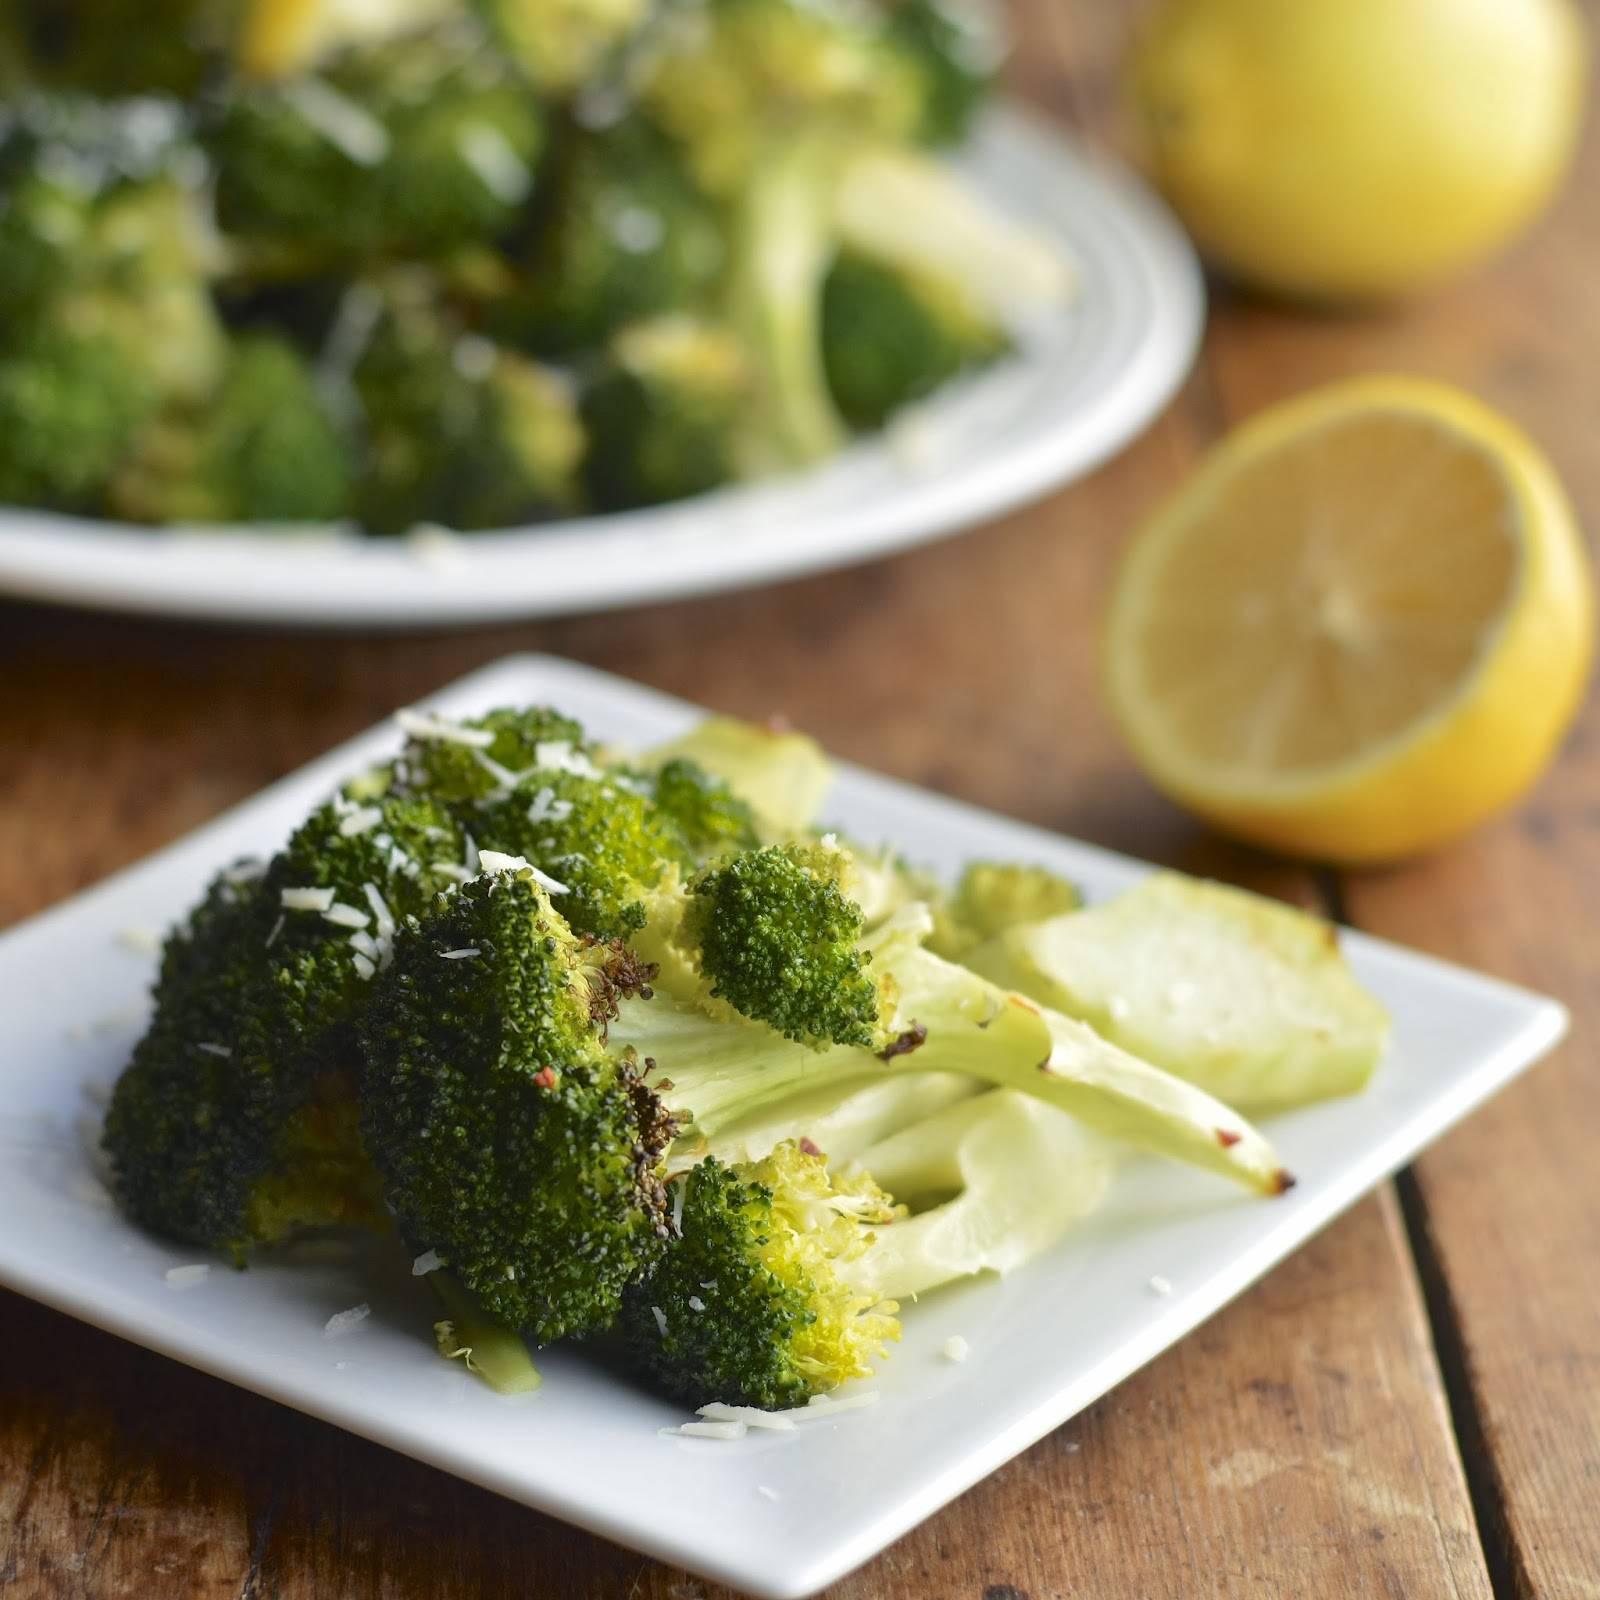 Диета на брокколи - лучшие рецепты приготовления для похудения